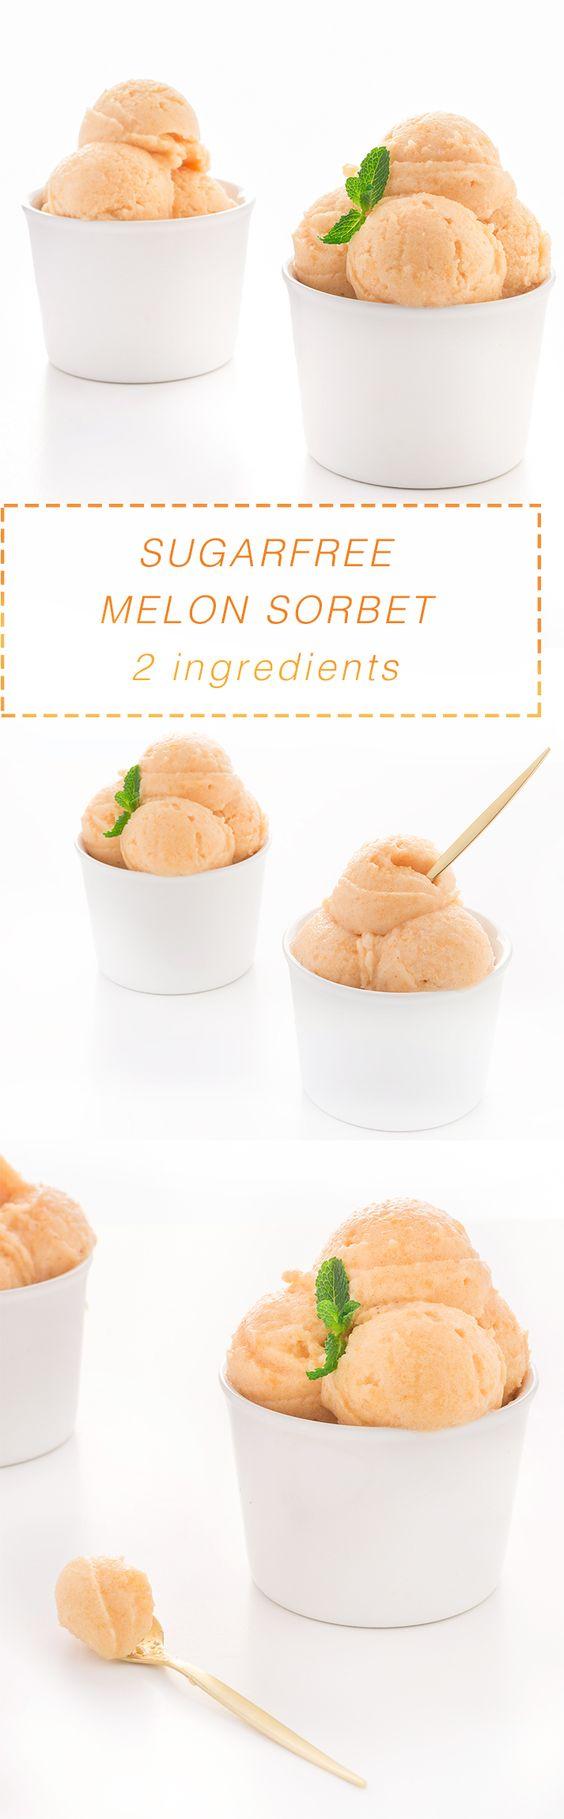 recipe sugarfree vegan melon sorbet - ricetta sorbetto al melone senza zucchero 2 ingredienti light